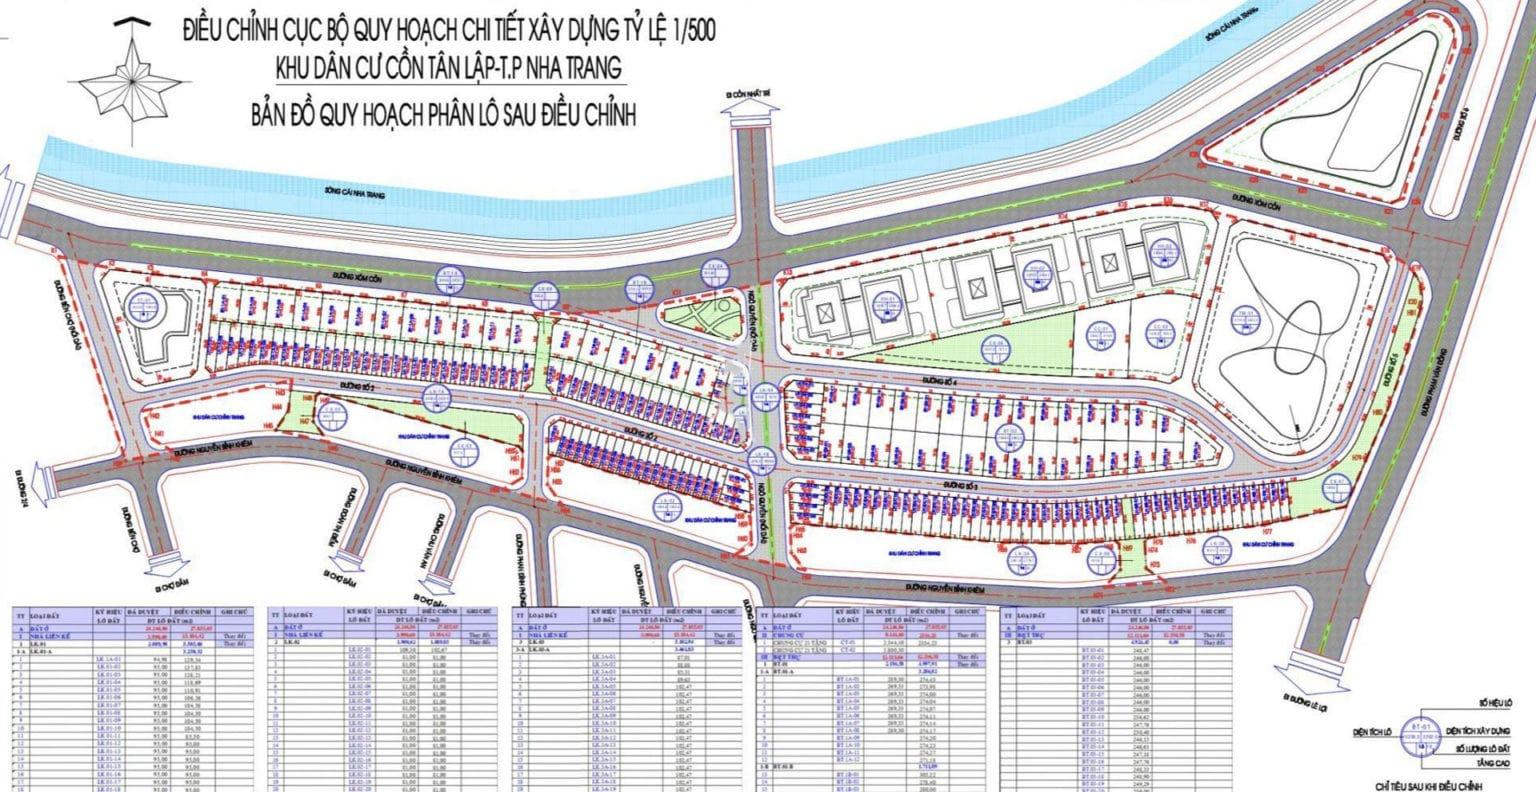 Bản đồ quy hoạch phân lô dự án The Aston Nha Trang